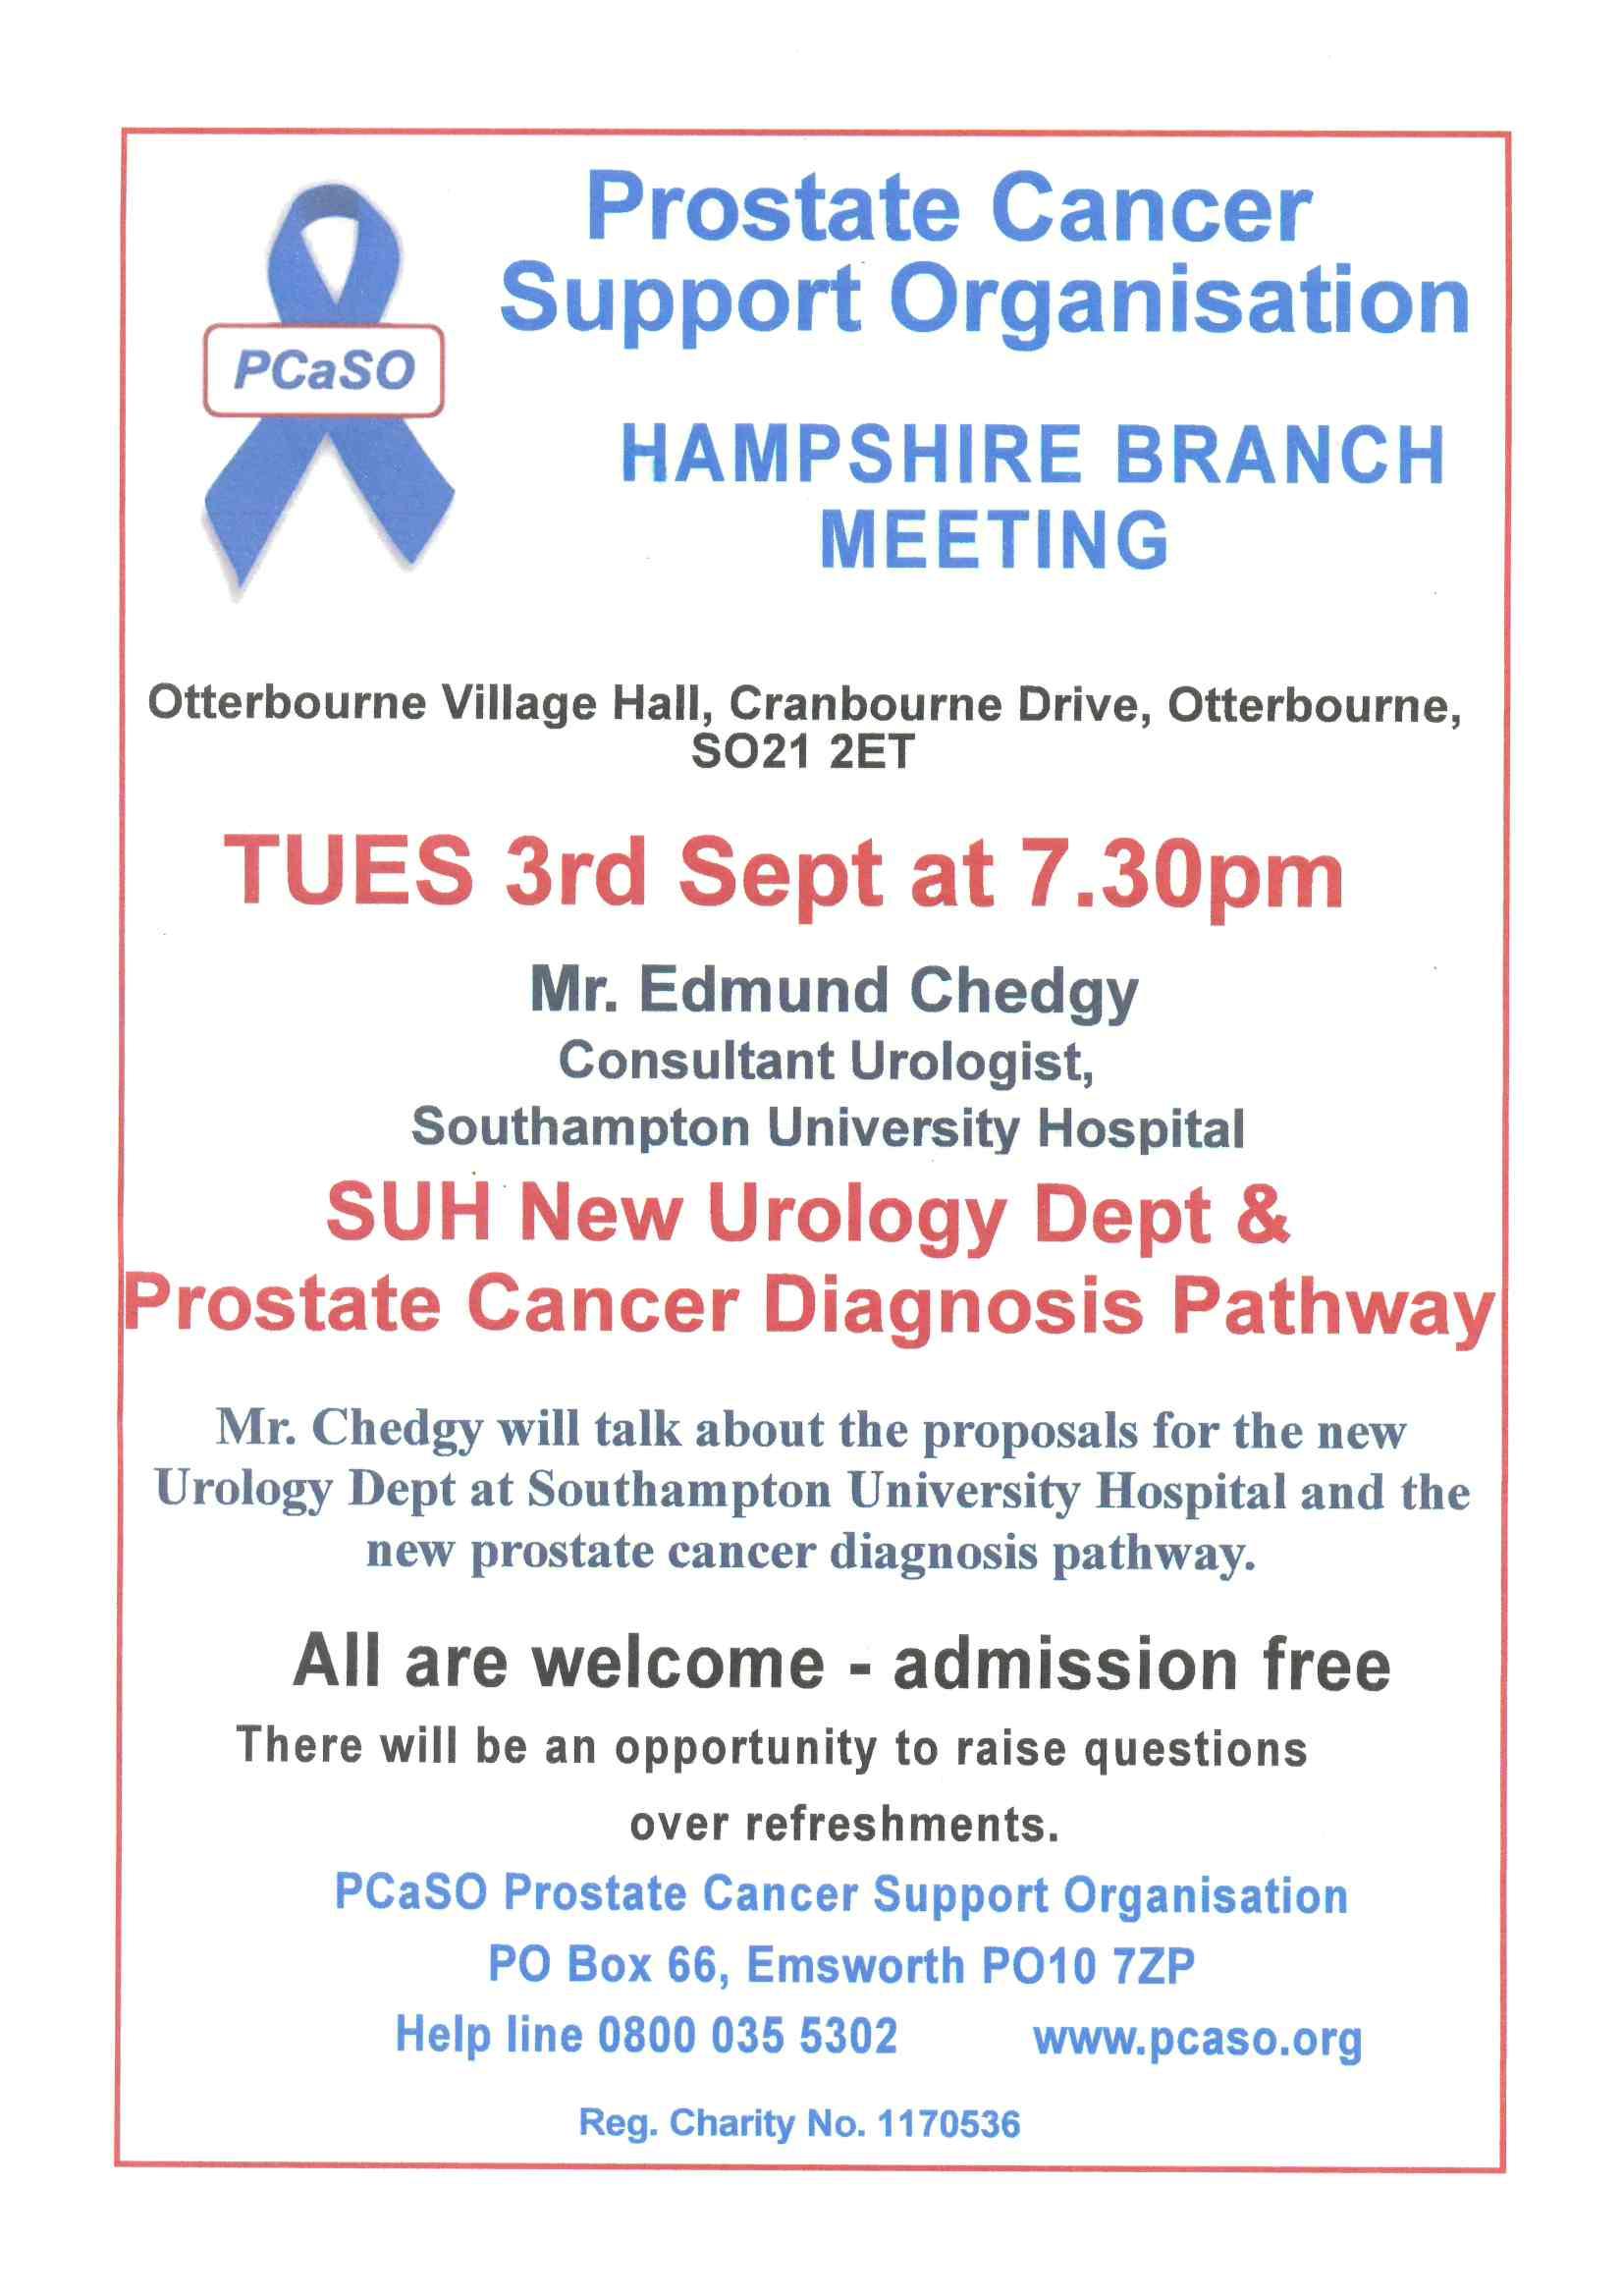 Prostate Cancer Meeting on 3 September